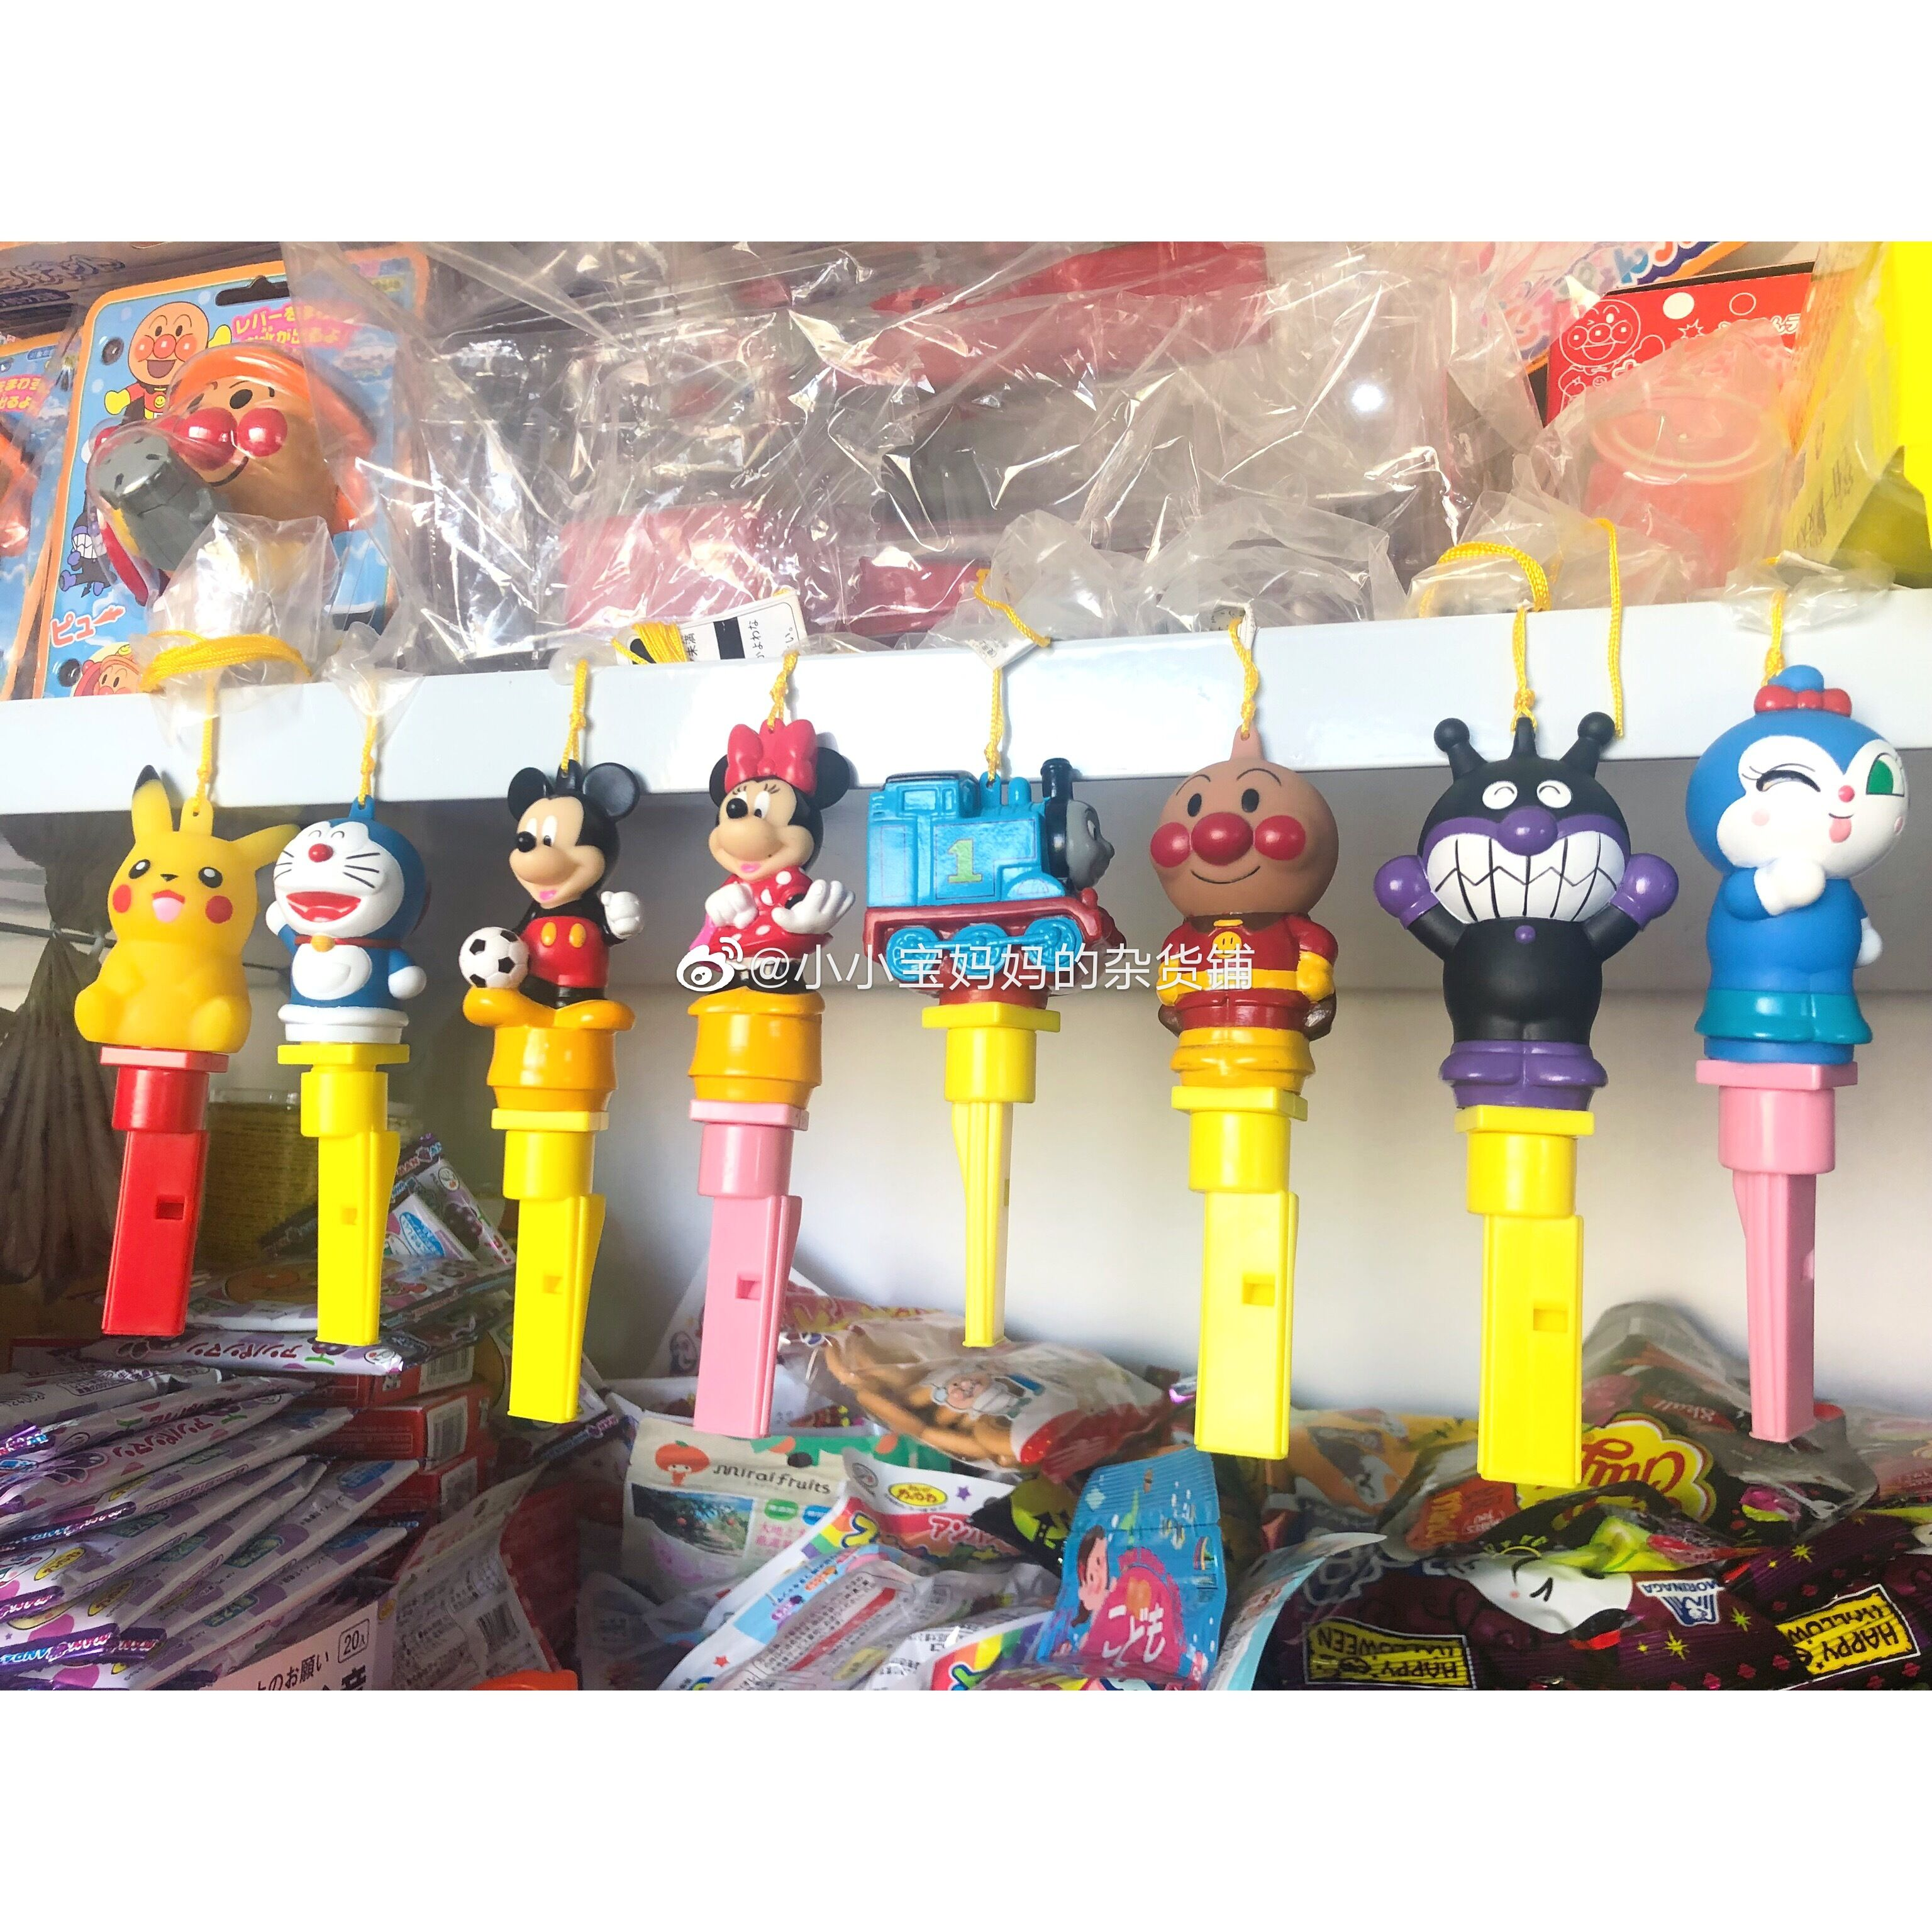 Spot Nhật Bản Anpanman / Robot Cat / Disney / Pikachu / Thomas Trẻ em Còi Đồ chơi - Đồ chơi âm nhạc / nhạc cụ Chirldren